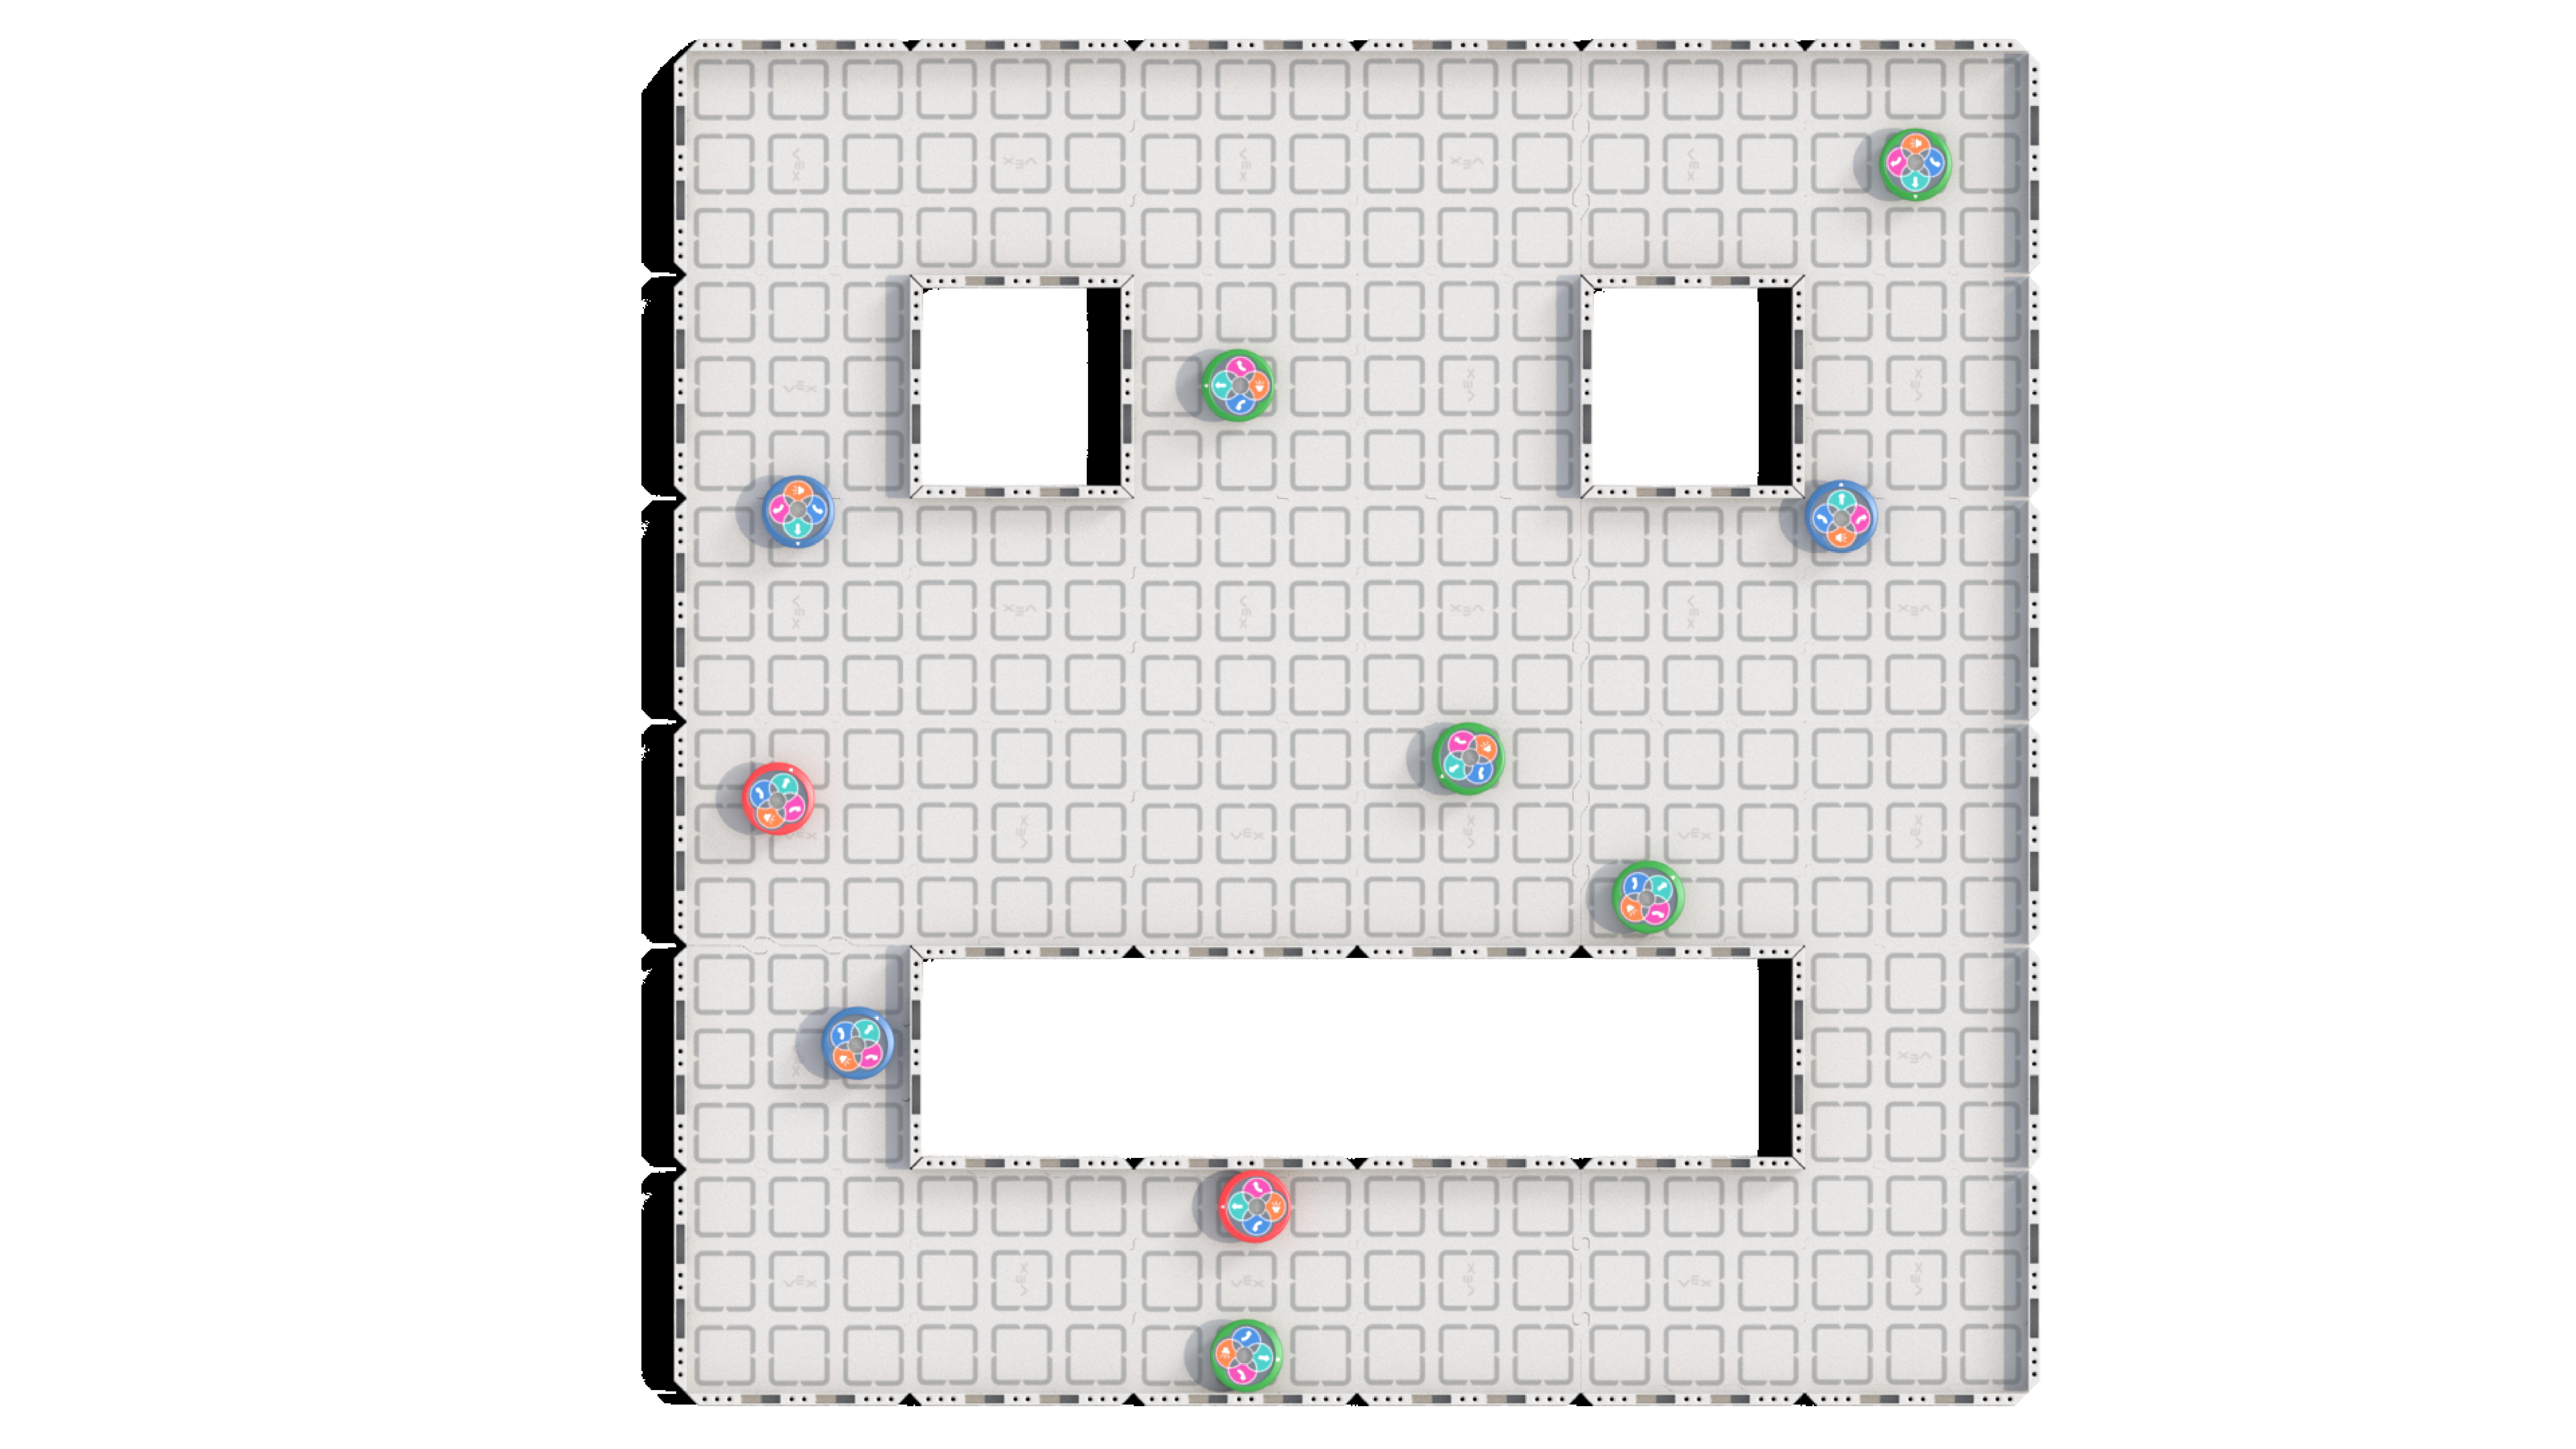 VEX_123_Demo_Field_Build_Face_Top_v01_06262020